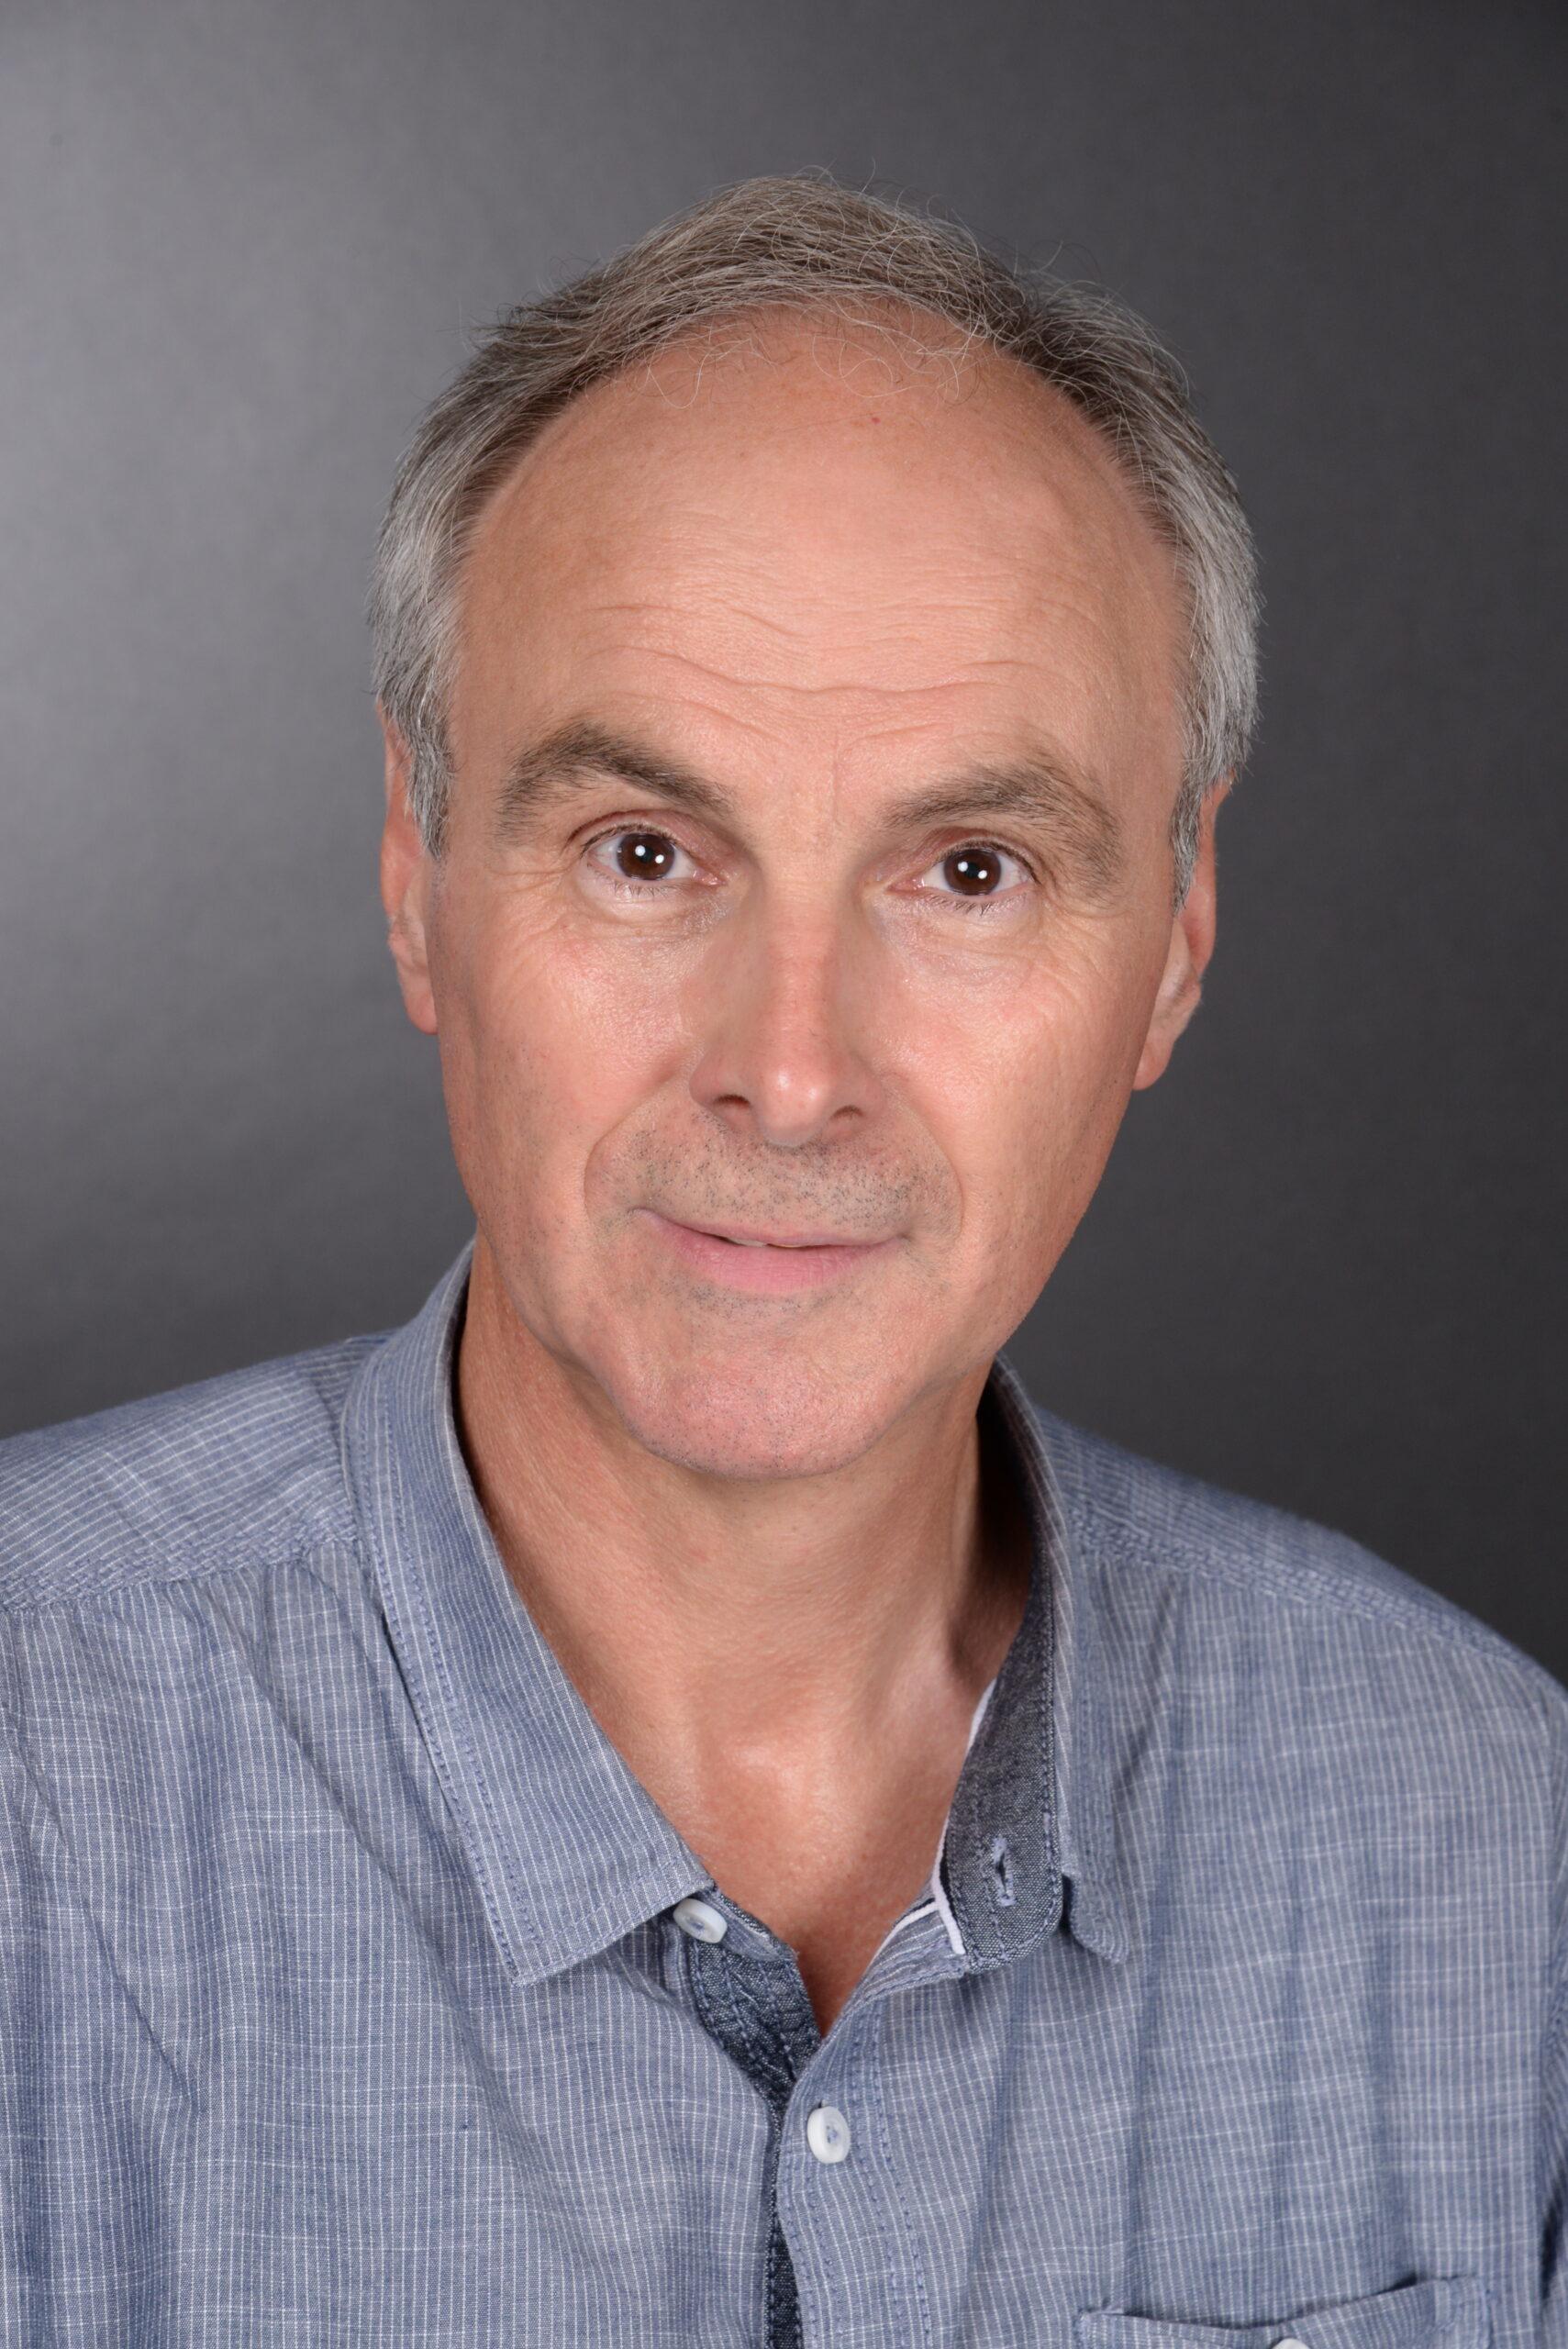 Laurenz Wouters